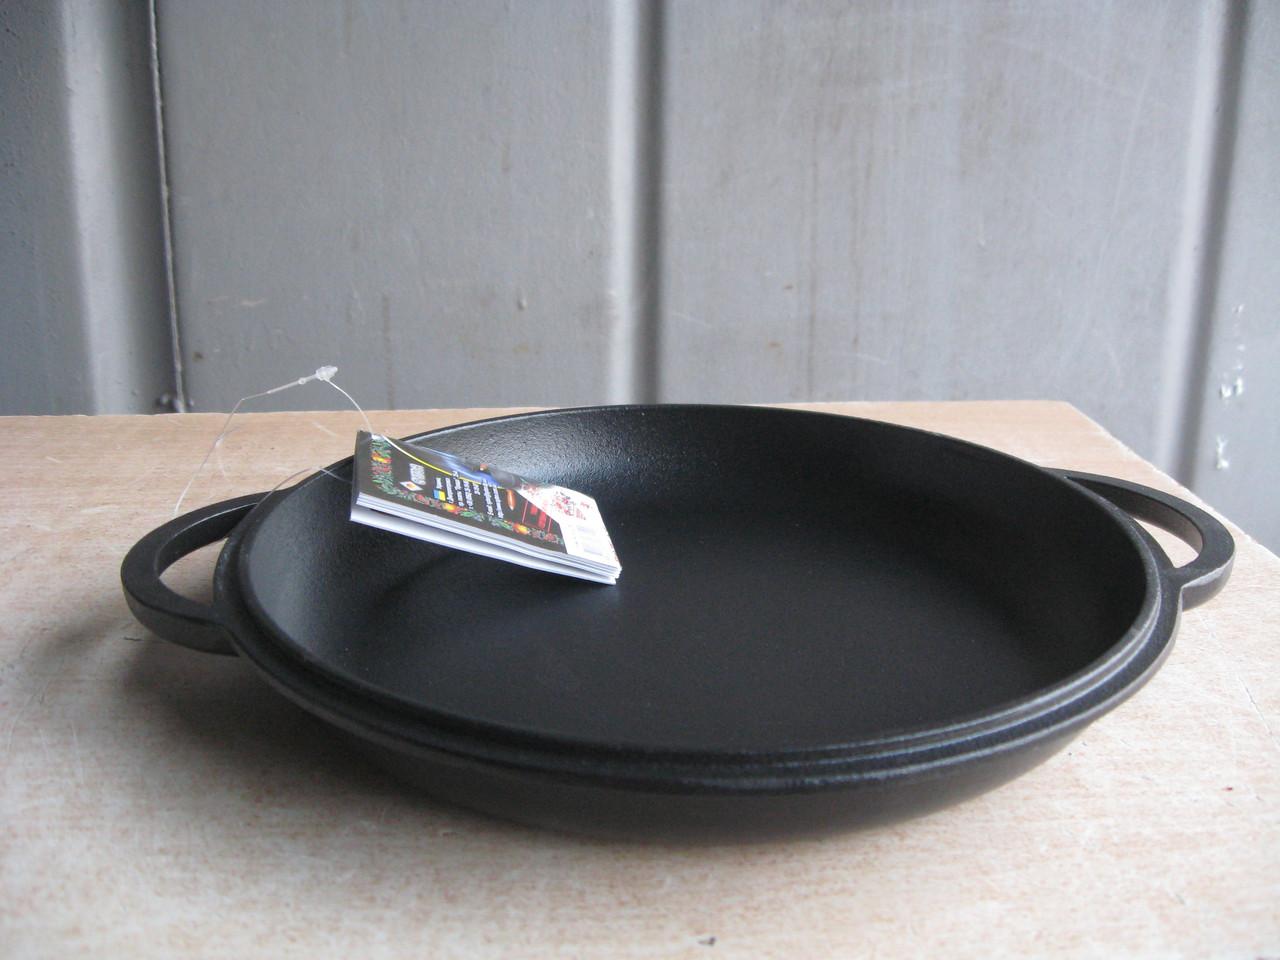 Крышка-сковорода чугунная, эмалированная.  Диаметр 300мм.